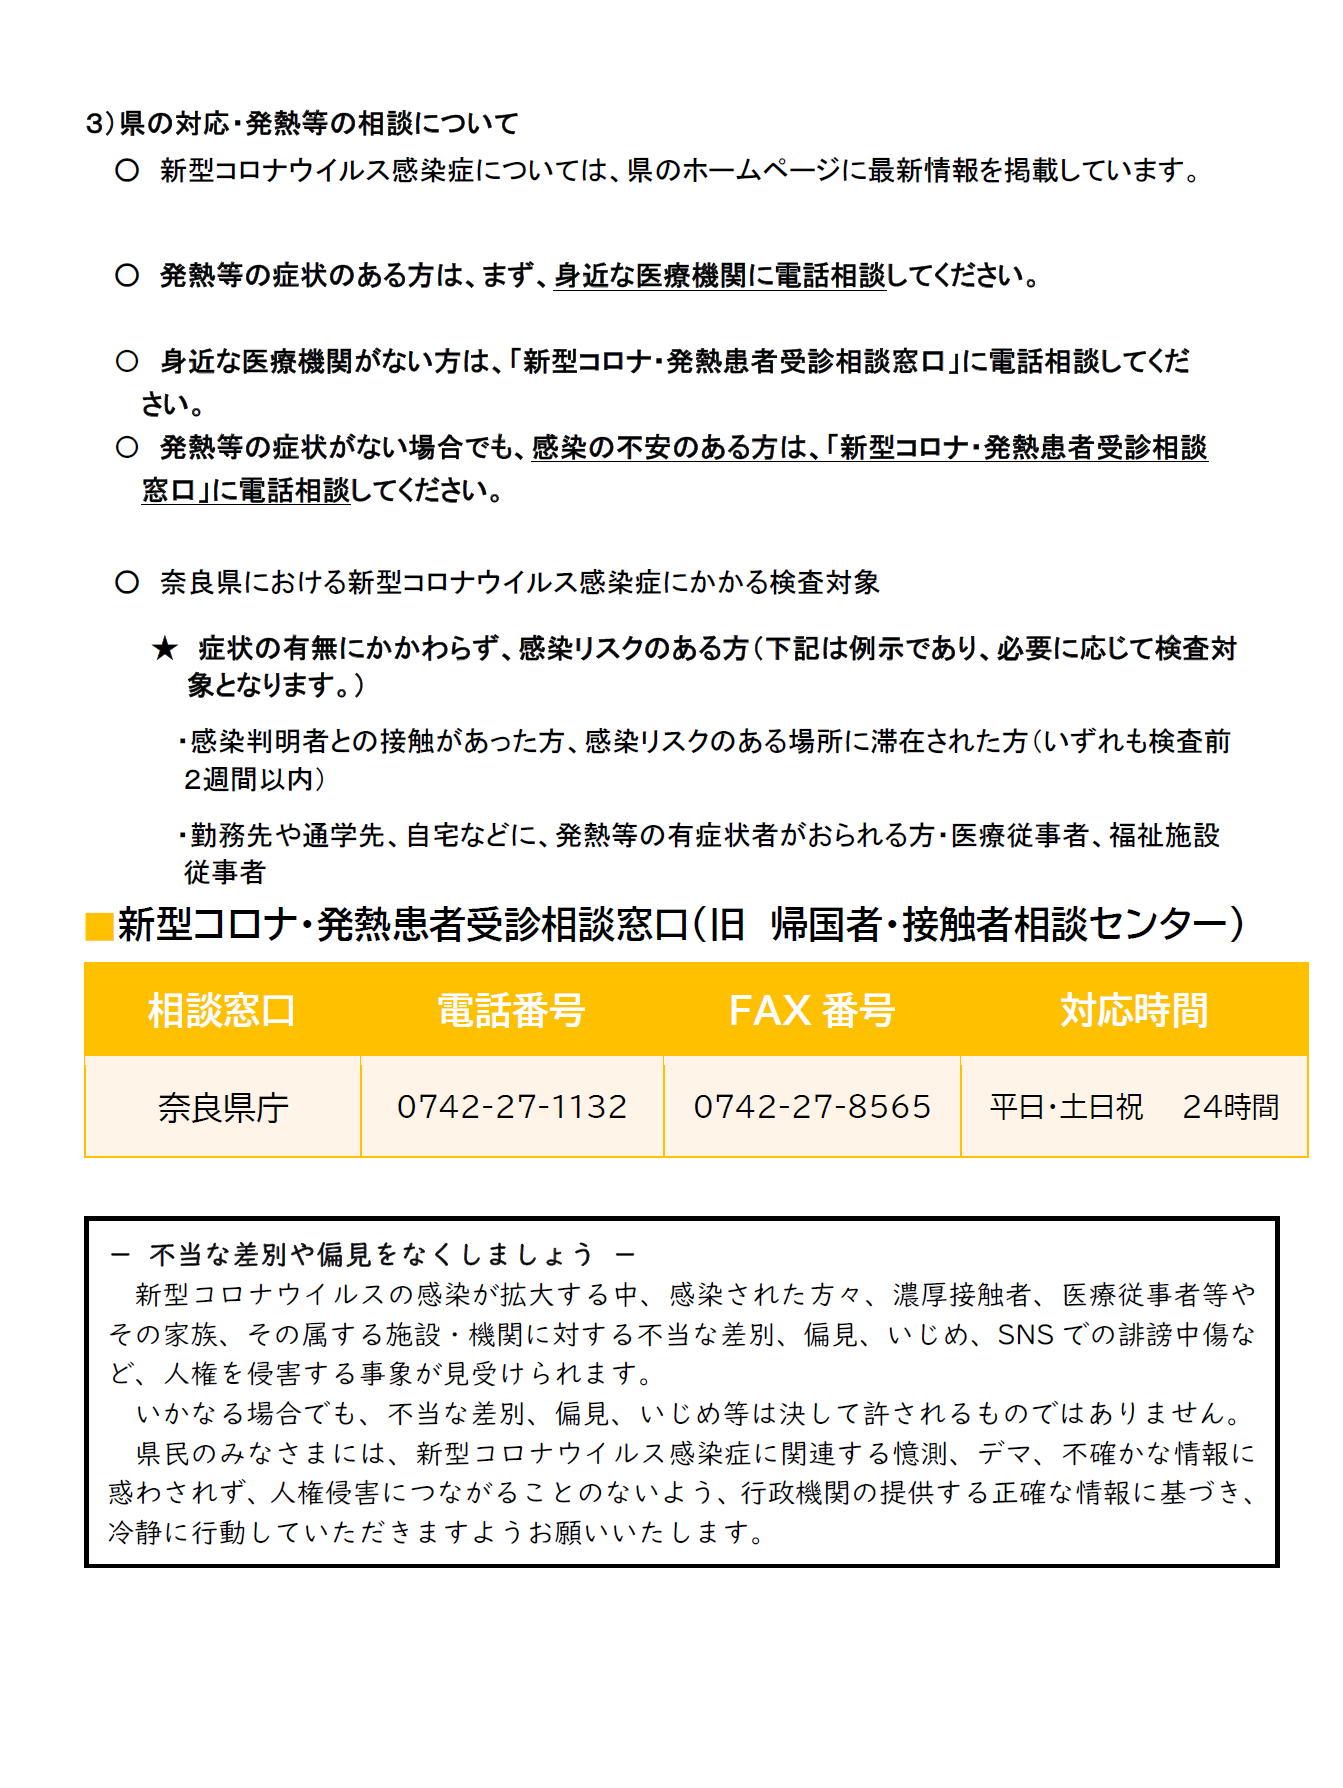 県 者 市町村 奈良 ウイルス コロナ 感染